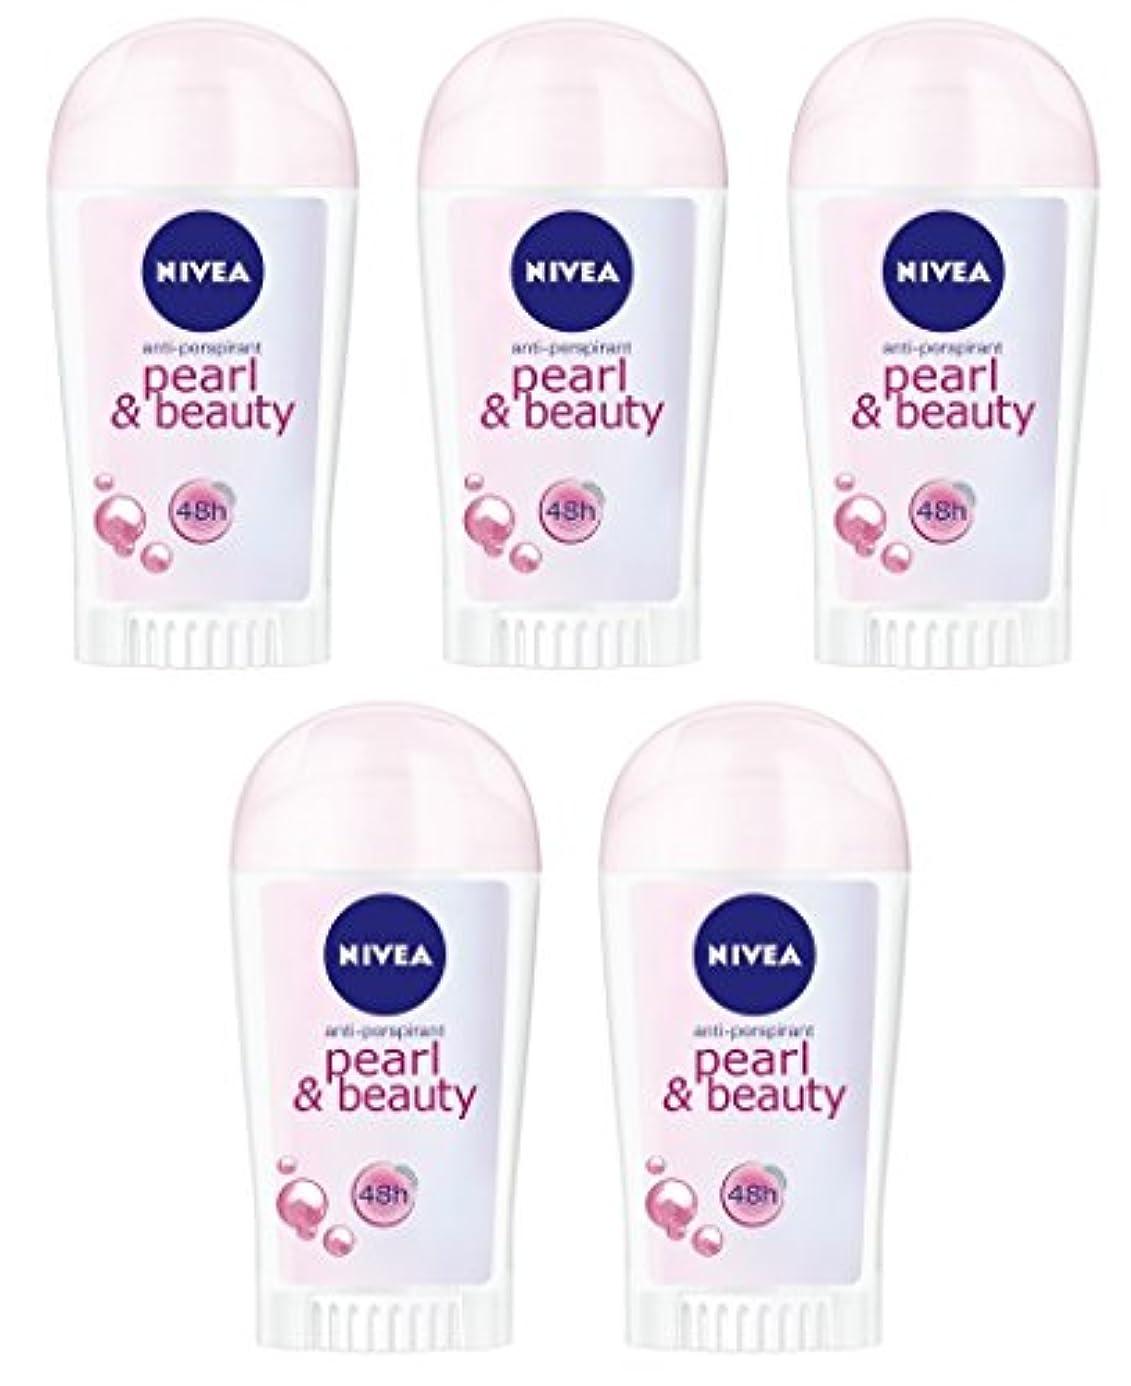 劇場サドル対処(5パック) ニベアパールそしてビューティー制汗剤デオドラントスティック女性のための5x40ml - (Pack of 5) Nivea Pearl & Beauty Anti-perspirant Deodorant Stick for Women 5x40ml